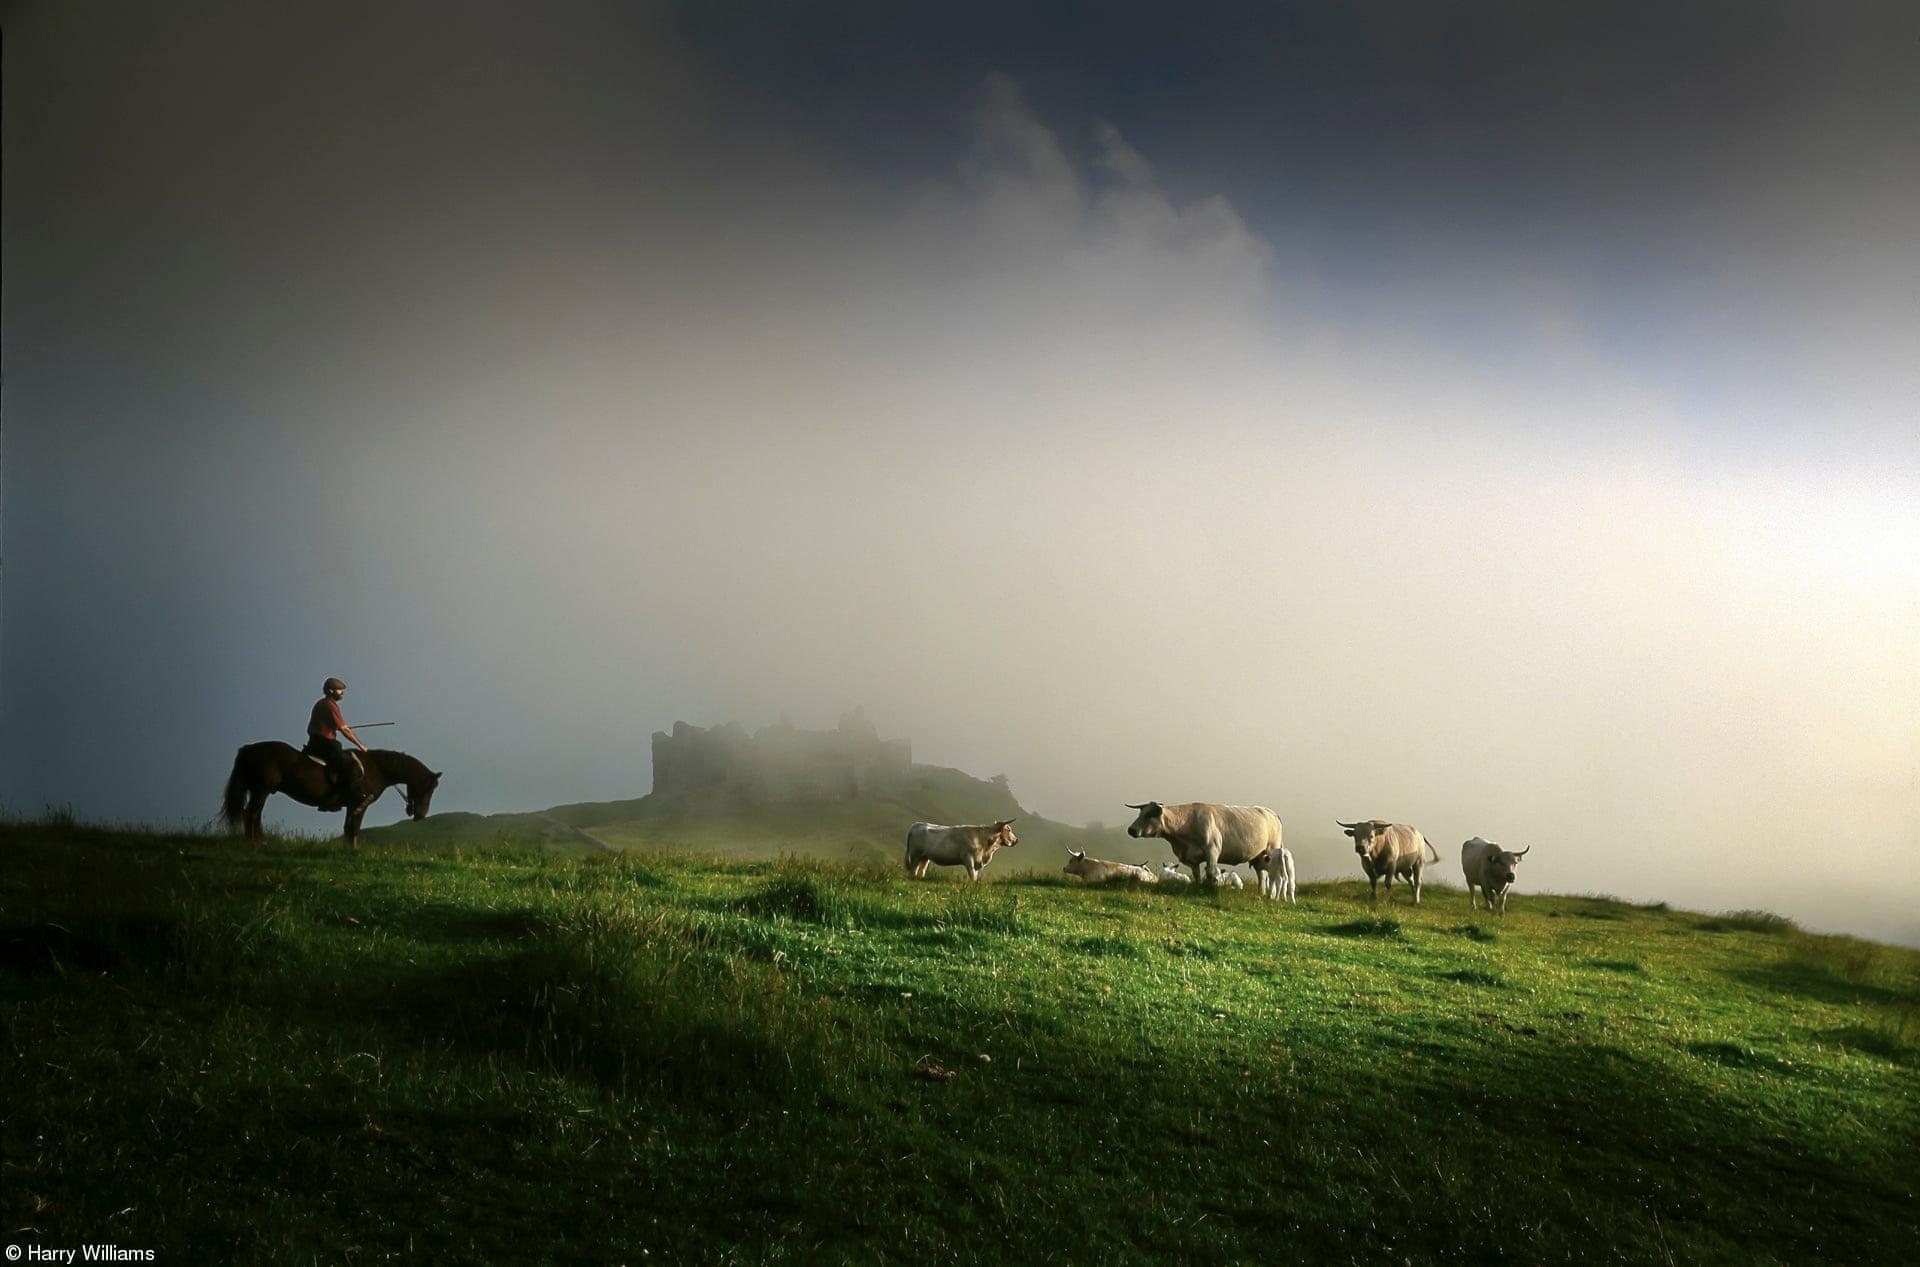 «Φαγητό στο χωράφι: Κτηνοτρόφος με βόδια της ράτσας Longhorn», του Χάρι Γουίλιαμς, Ηνωμένο Βασίλειο. Ενας κτηνοτρόφος στο άλογό του παρακολουθεί το κοπάδι με τα βόδια της σπάνιας ράτσας Longhorn στη σκιά ενός κάστρου στην ομίχλη